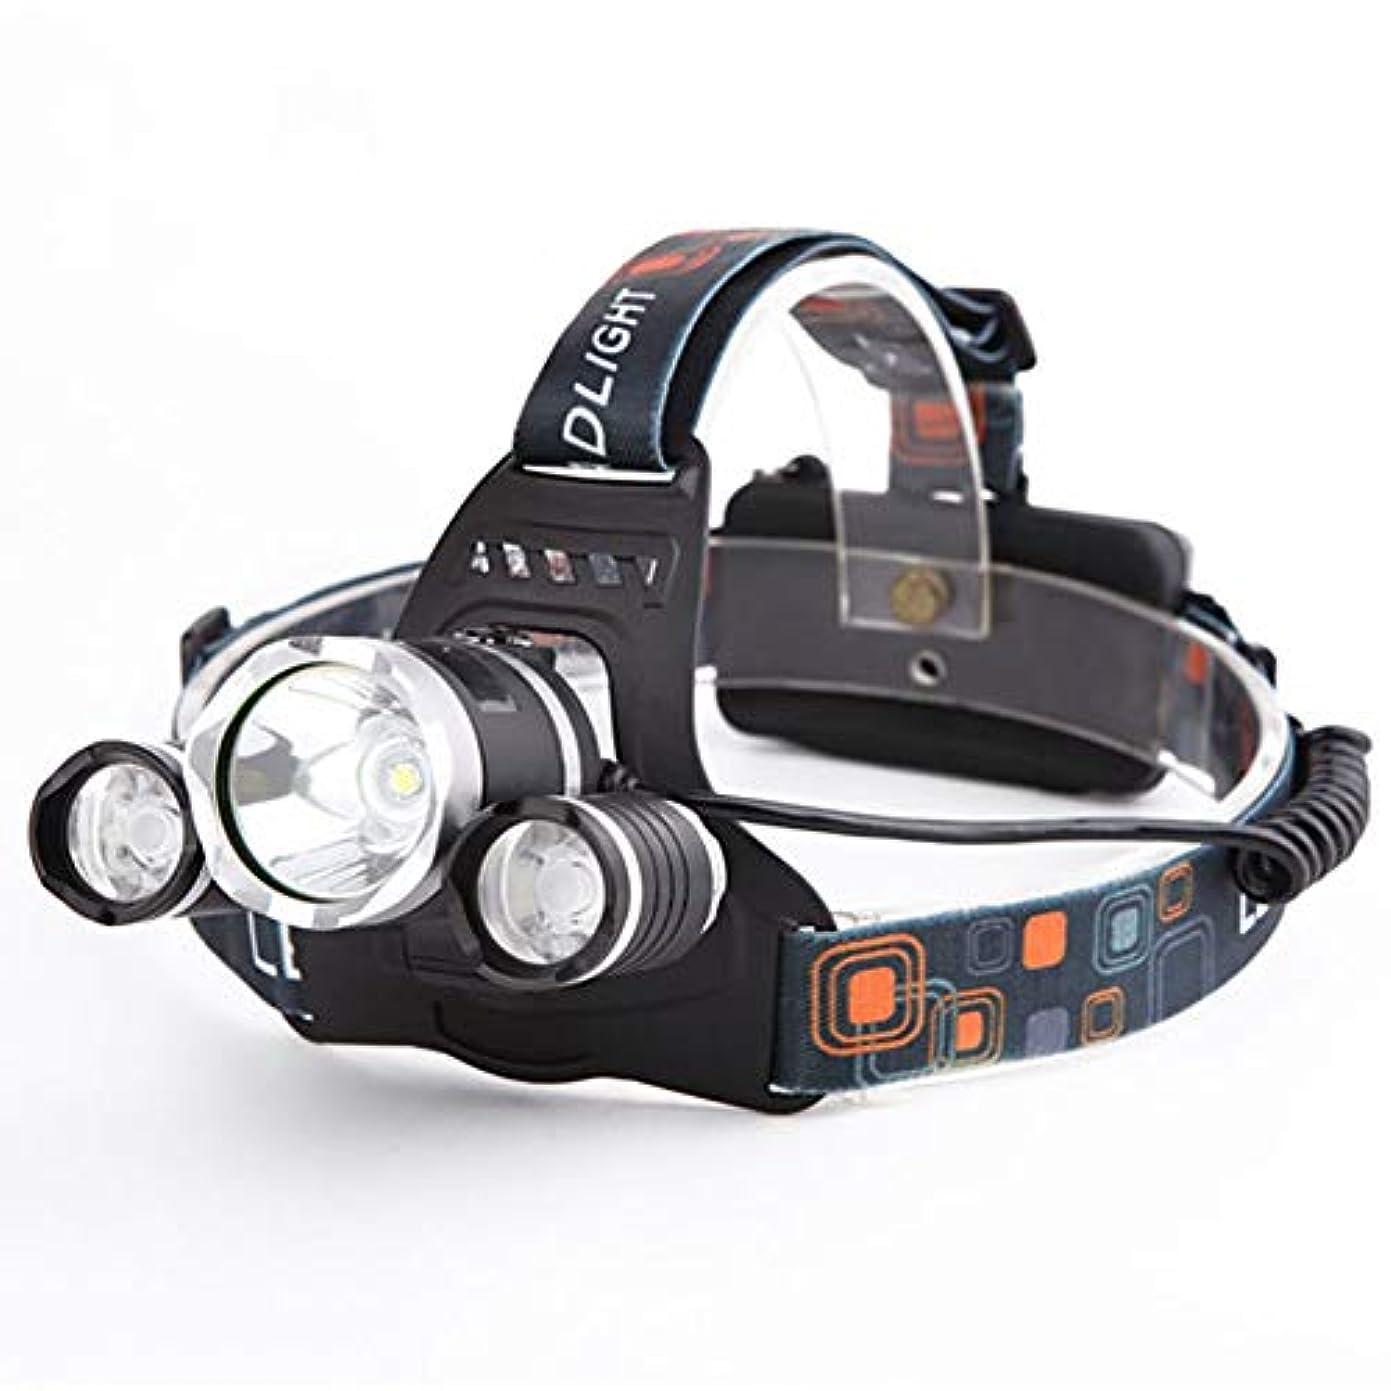 イタリック助言するバケット充電式 LED ヘッドランプ、6000ルーメンUSB充電式LEDヘッドランプ - キャンプ、ハイキング、アウトドア用防水&快適なヘッドライト